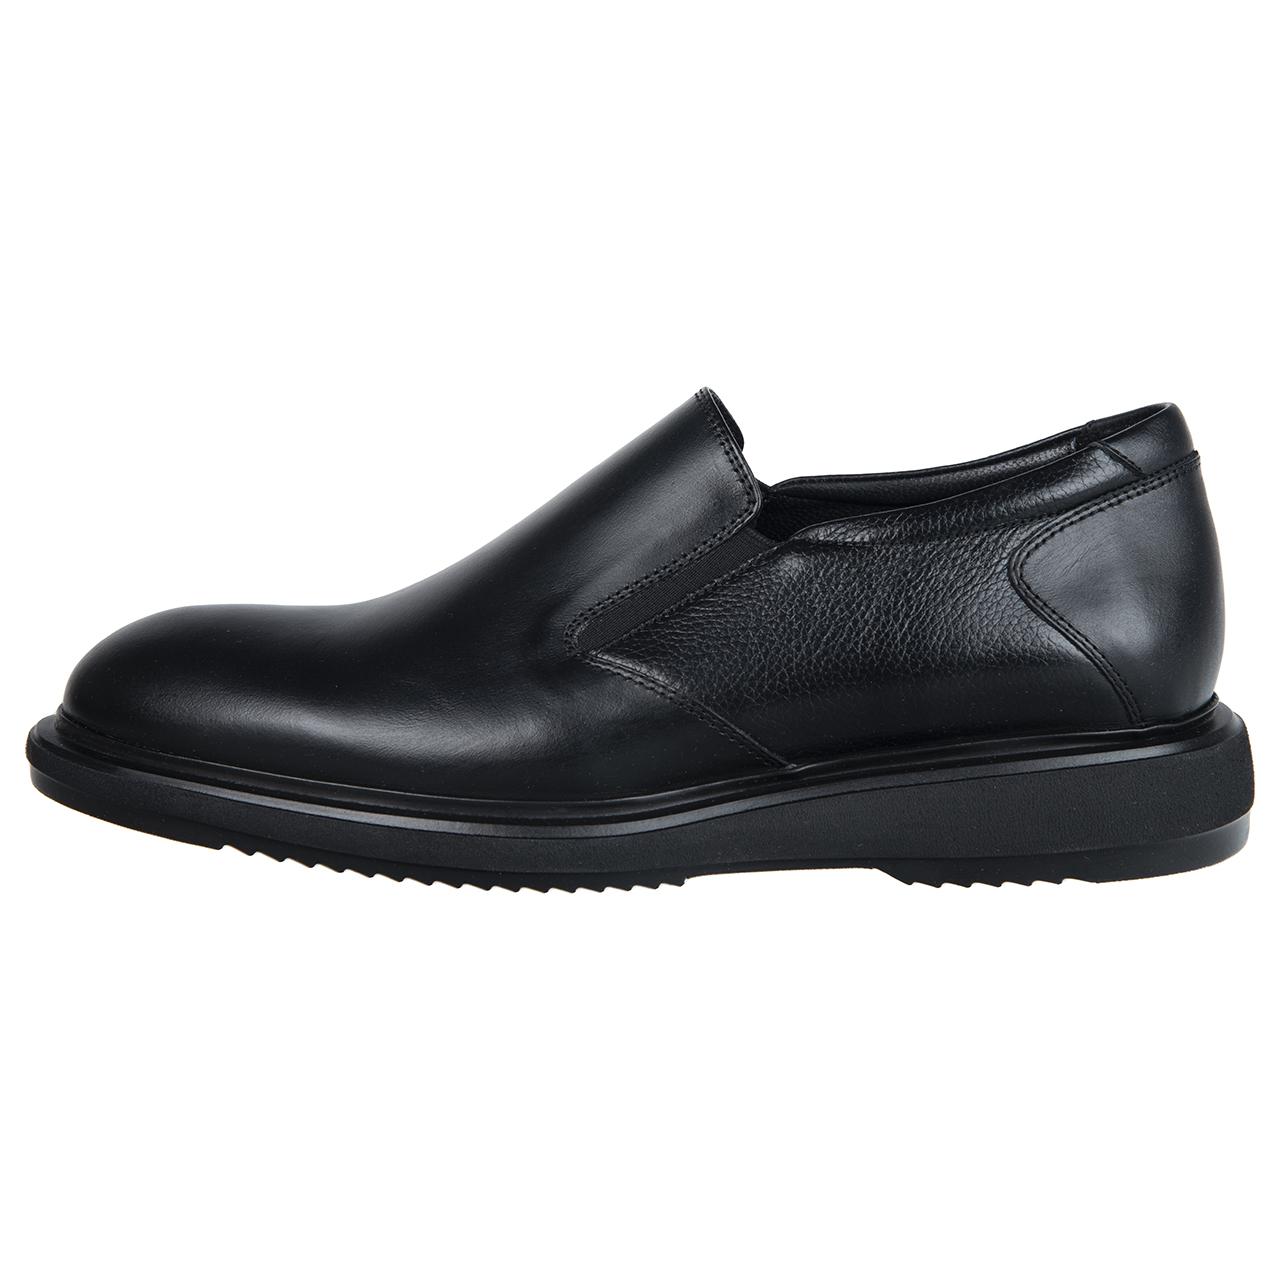 کفش راحتی مردانه گاندو مدل 1362115-99